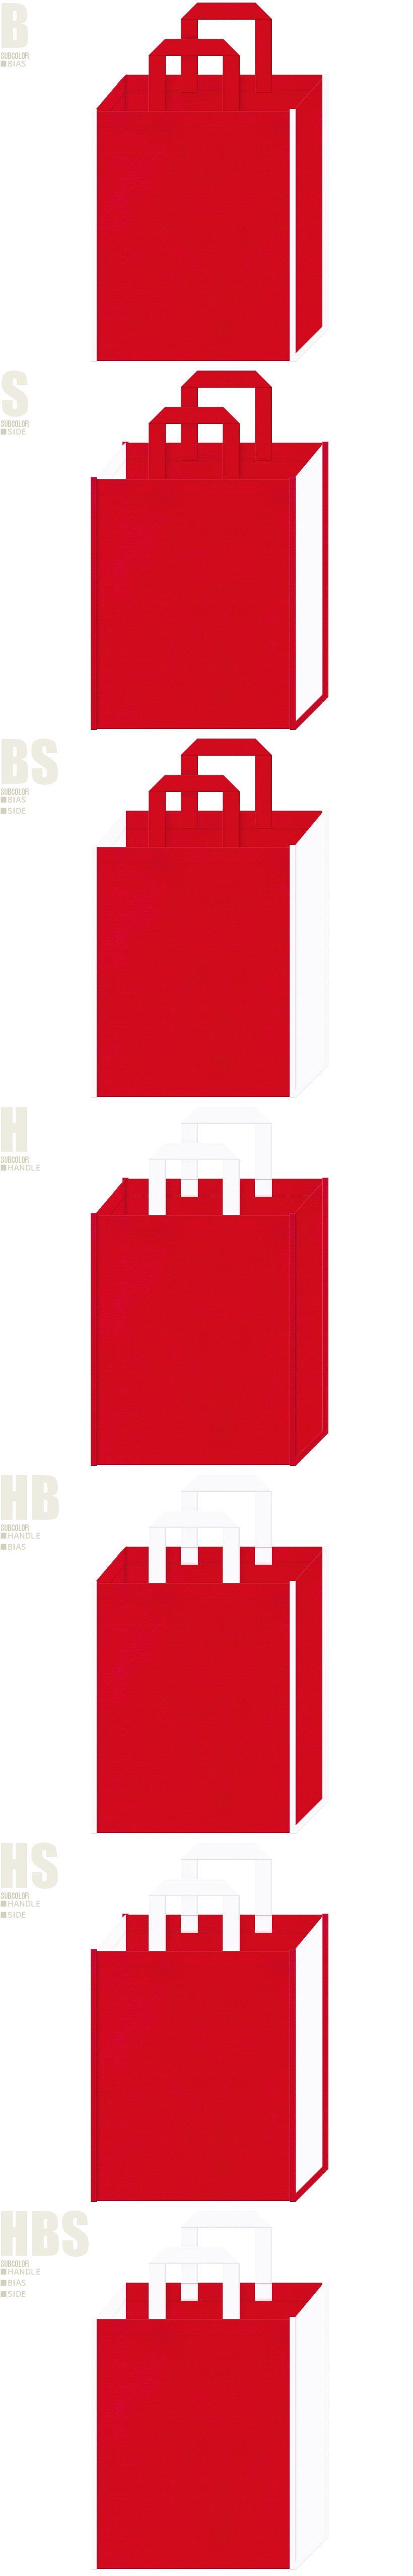 救急用品・消防団・献血・医療施設・病院・医療セミナー・婚礼・お誕生日・ショートケーキ・サンタクロース・クリスマスにお奨めの不織布バッグデザイン:紅色と白色の配色7パターン